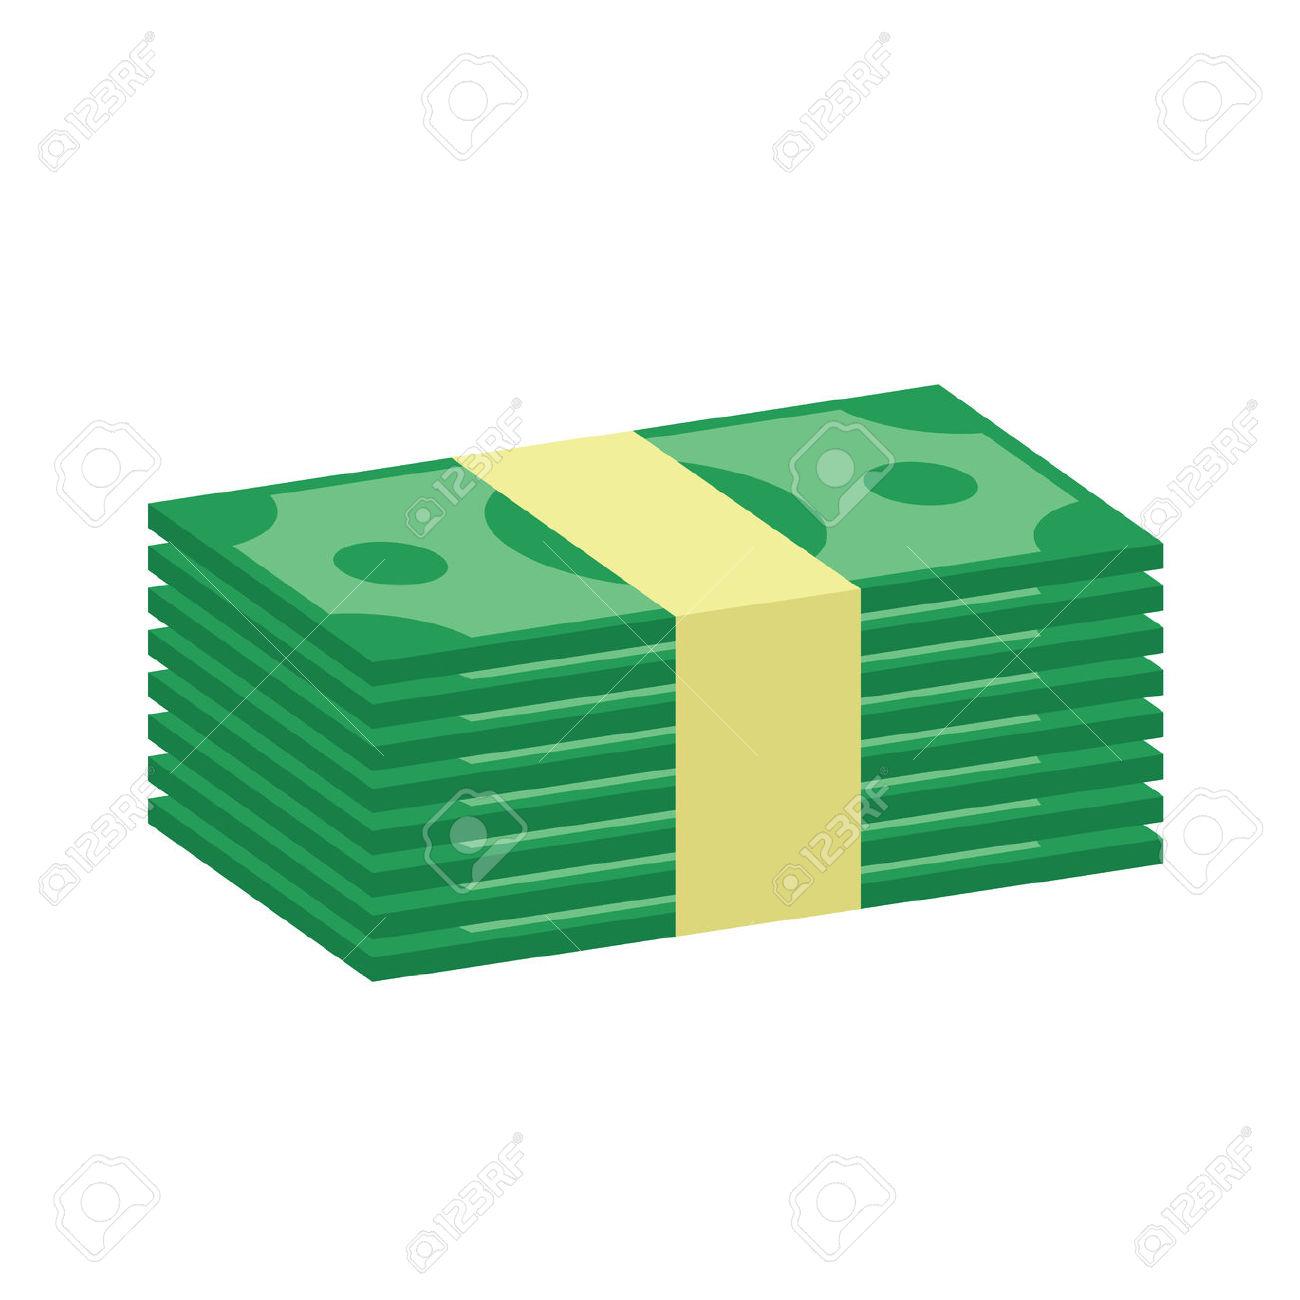 1300x1300 Cash Clipart Money Bill